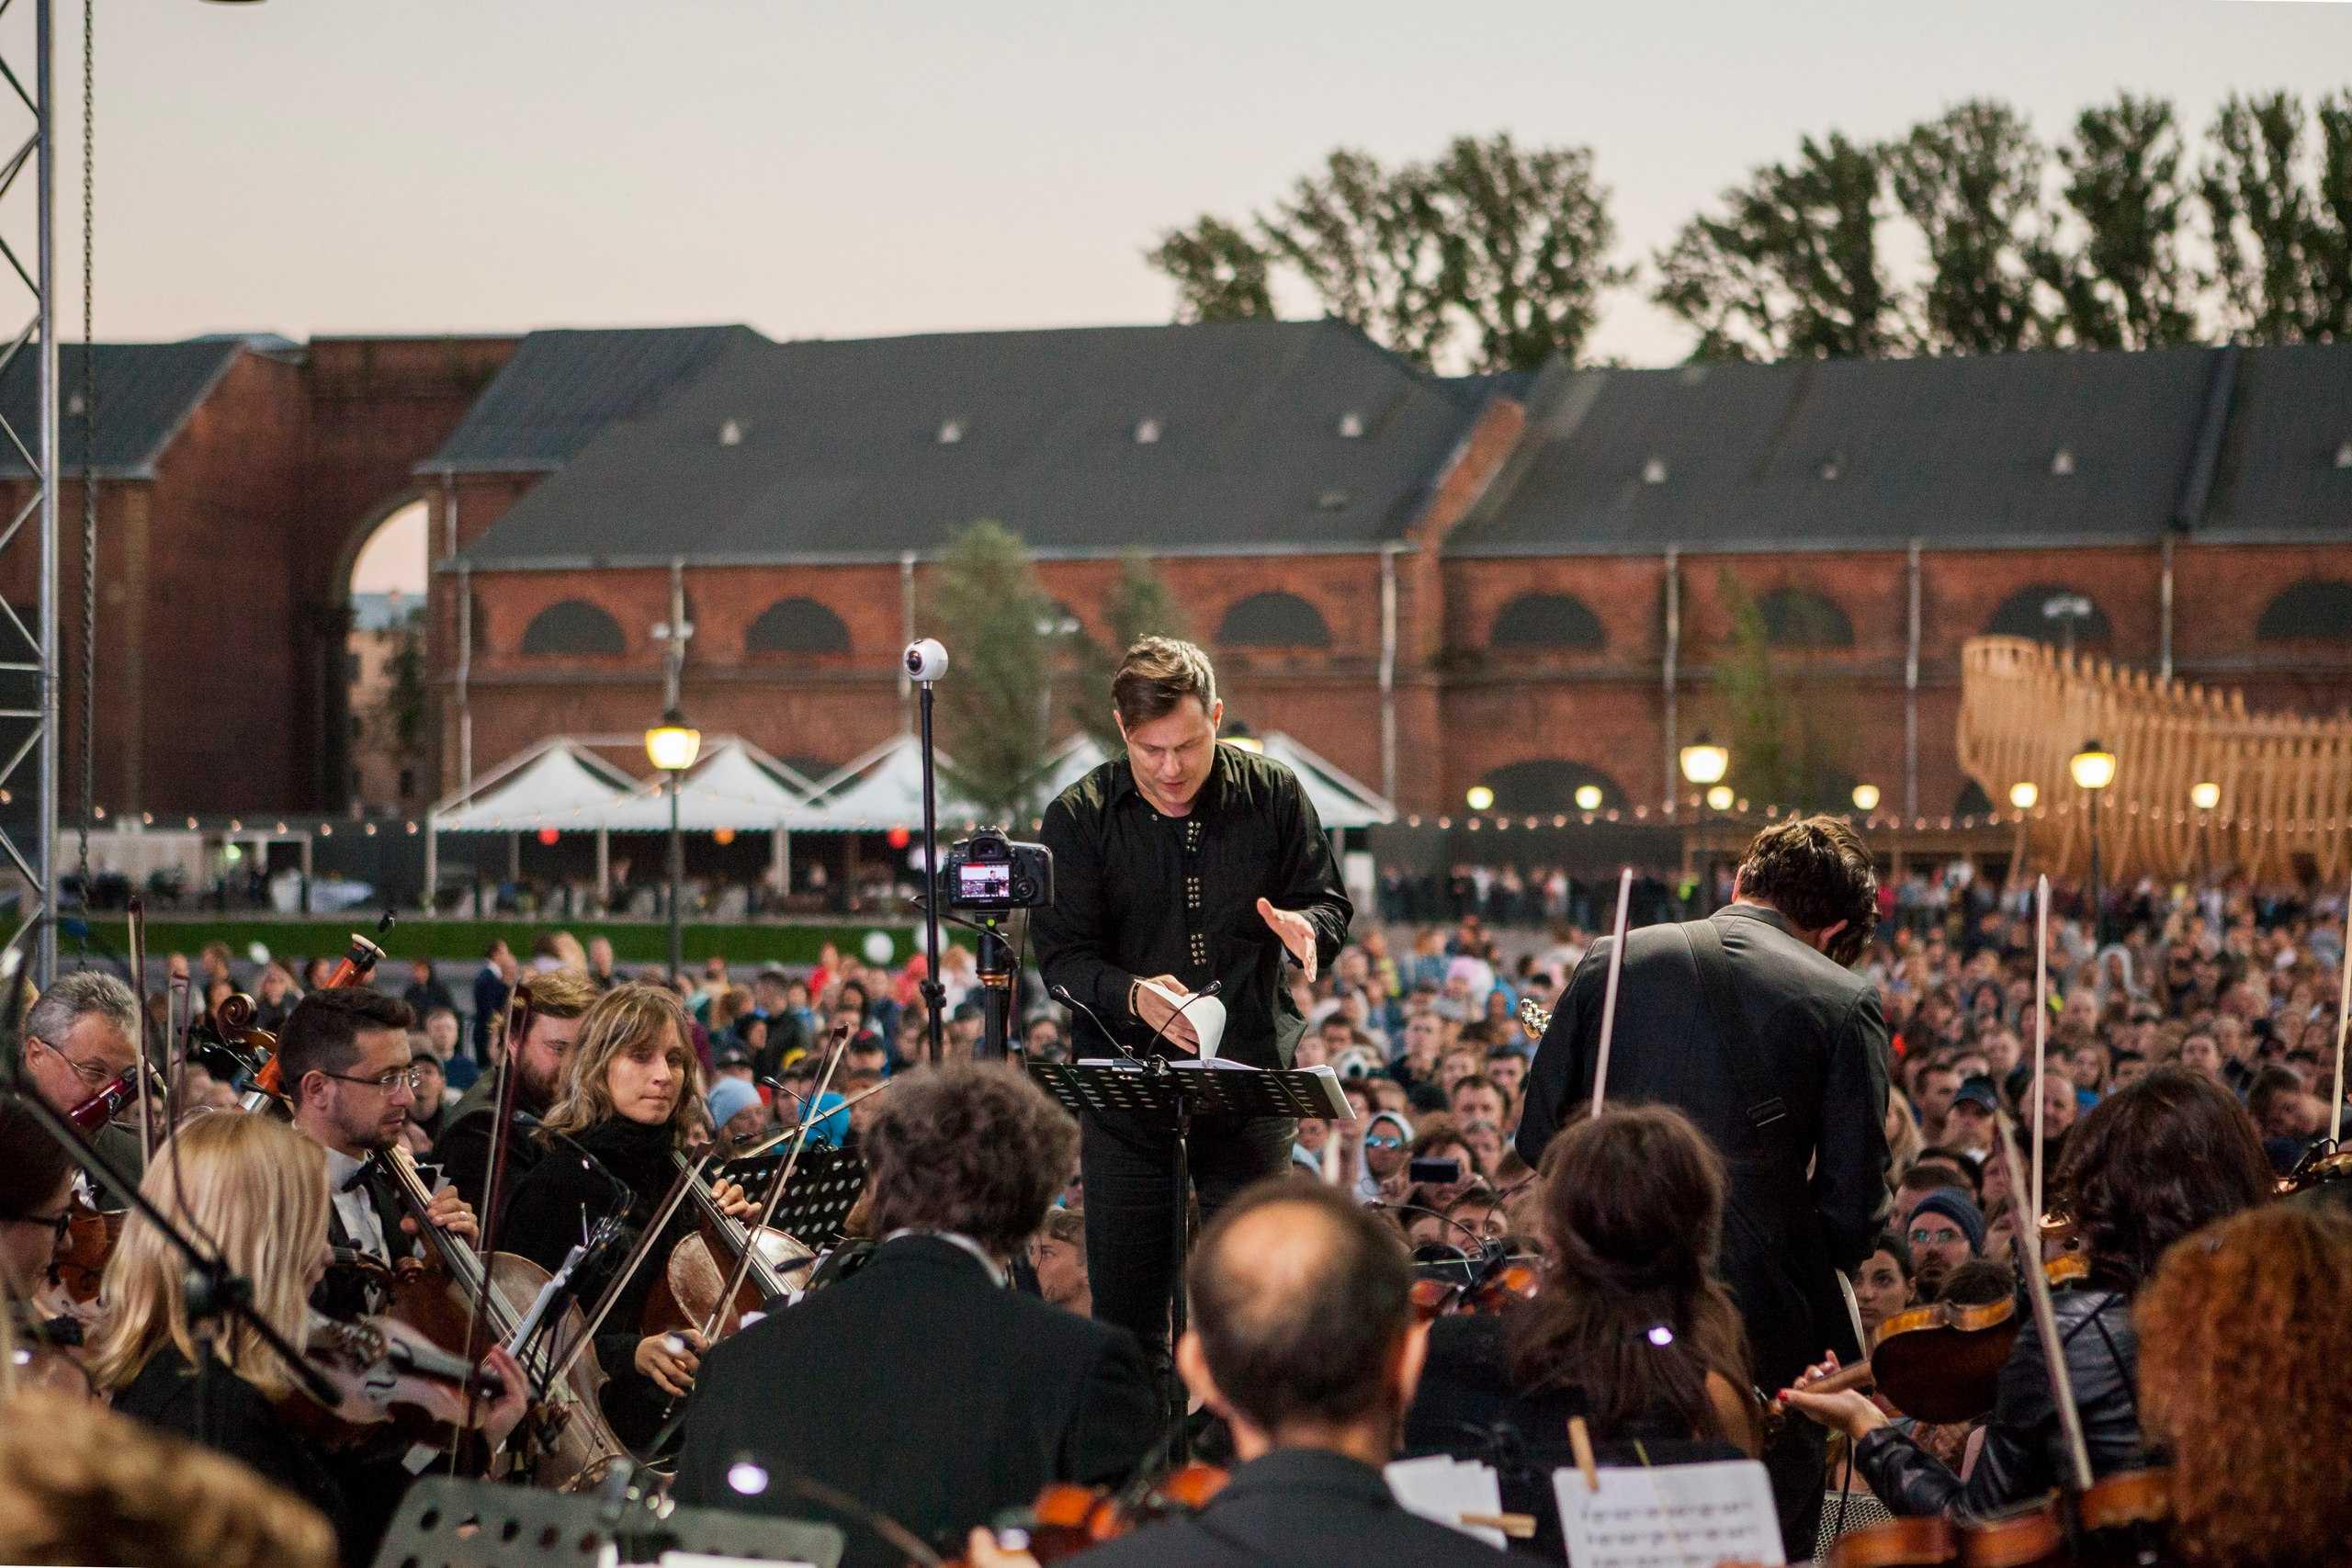 Открытие комплекса Новая Голландия - Оркестр